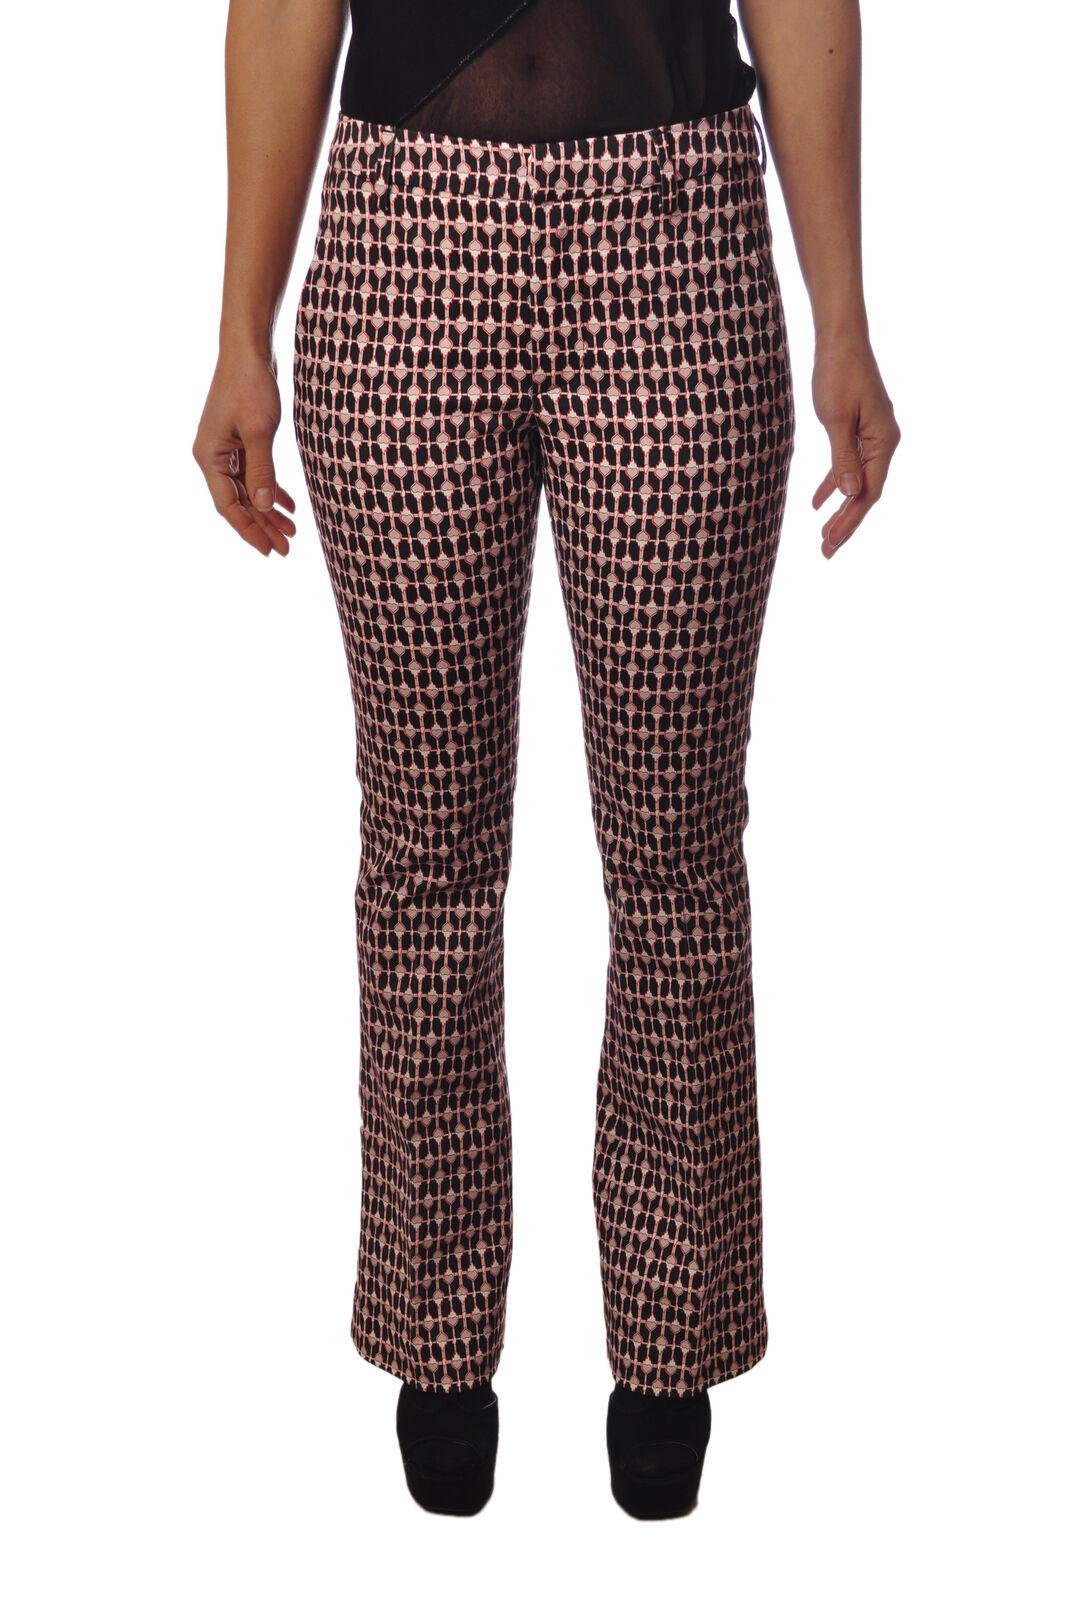 DONDUP-Pantalones-Pantalones-Mujer - Fantasía -  4972426F181530  disfrutando de sus compras